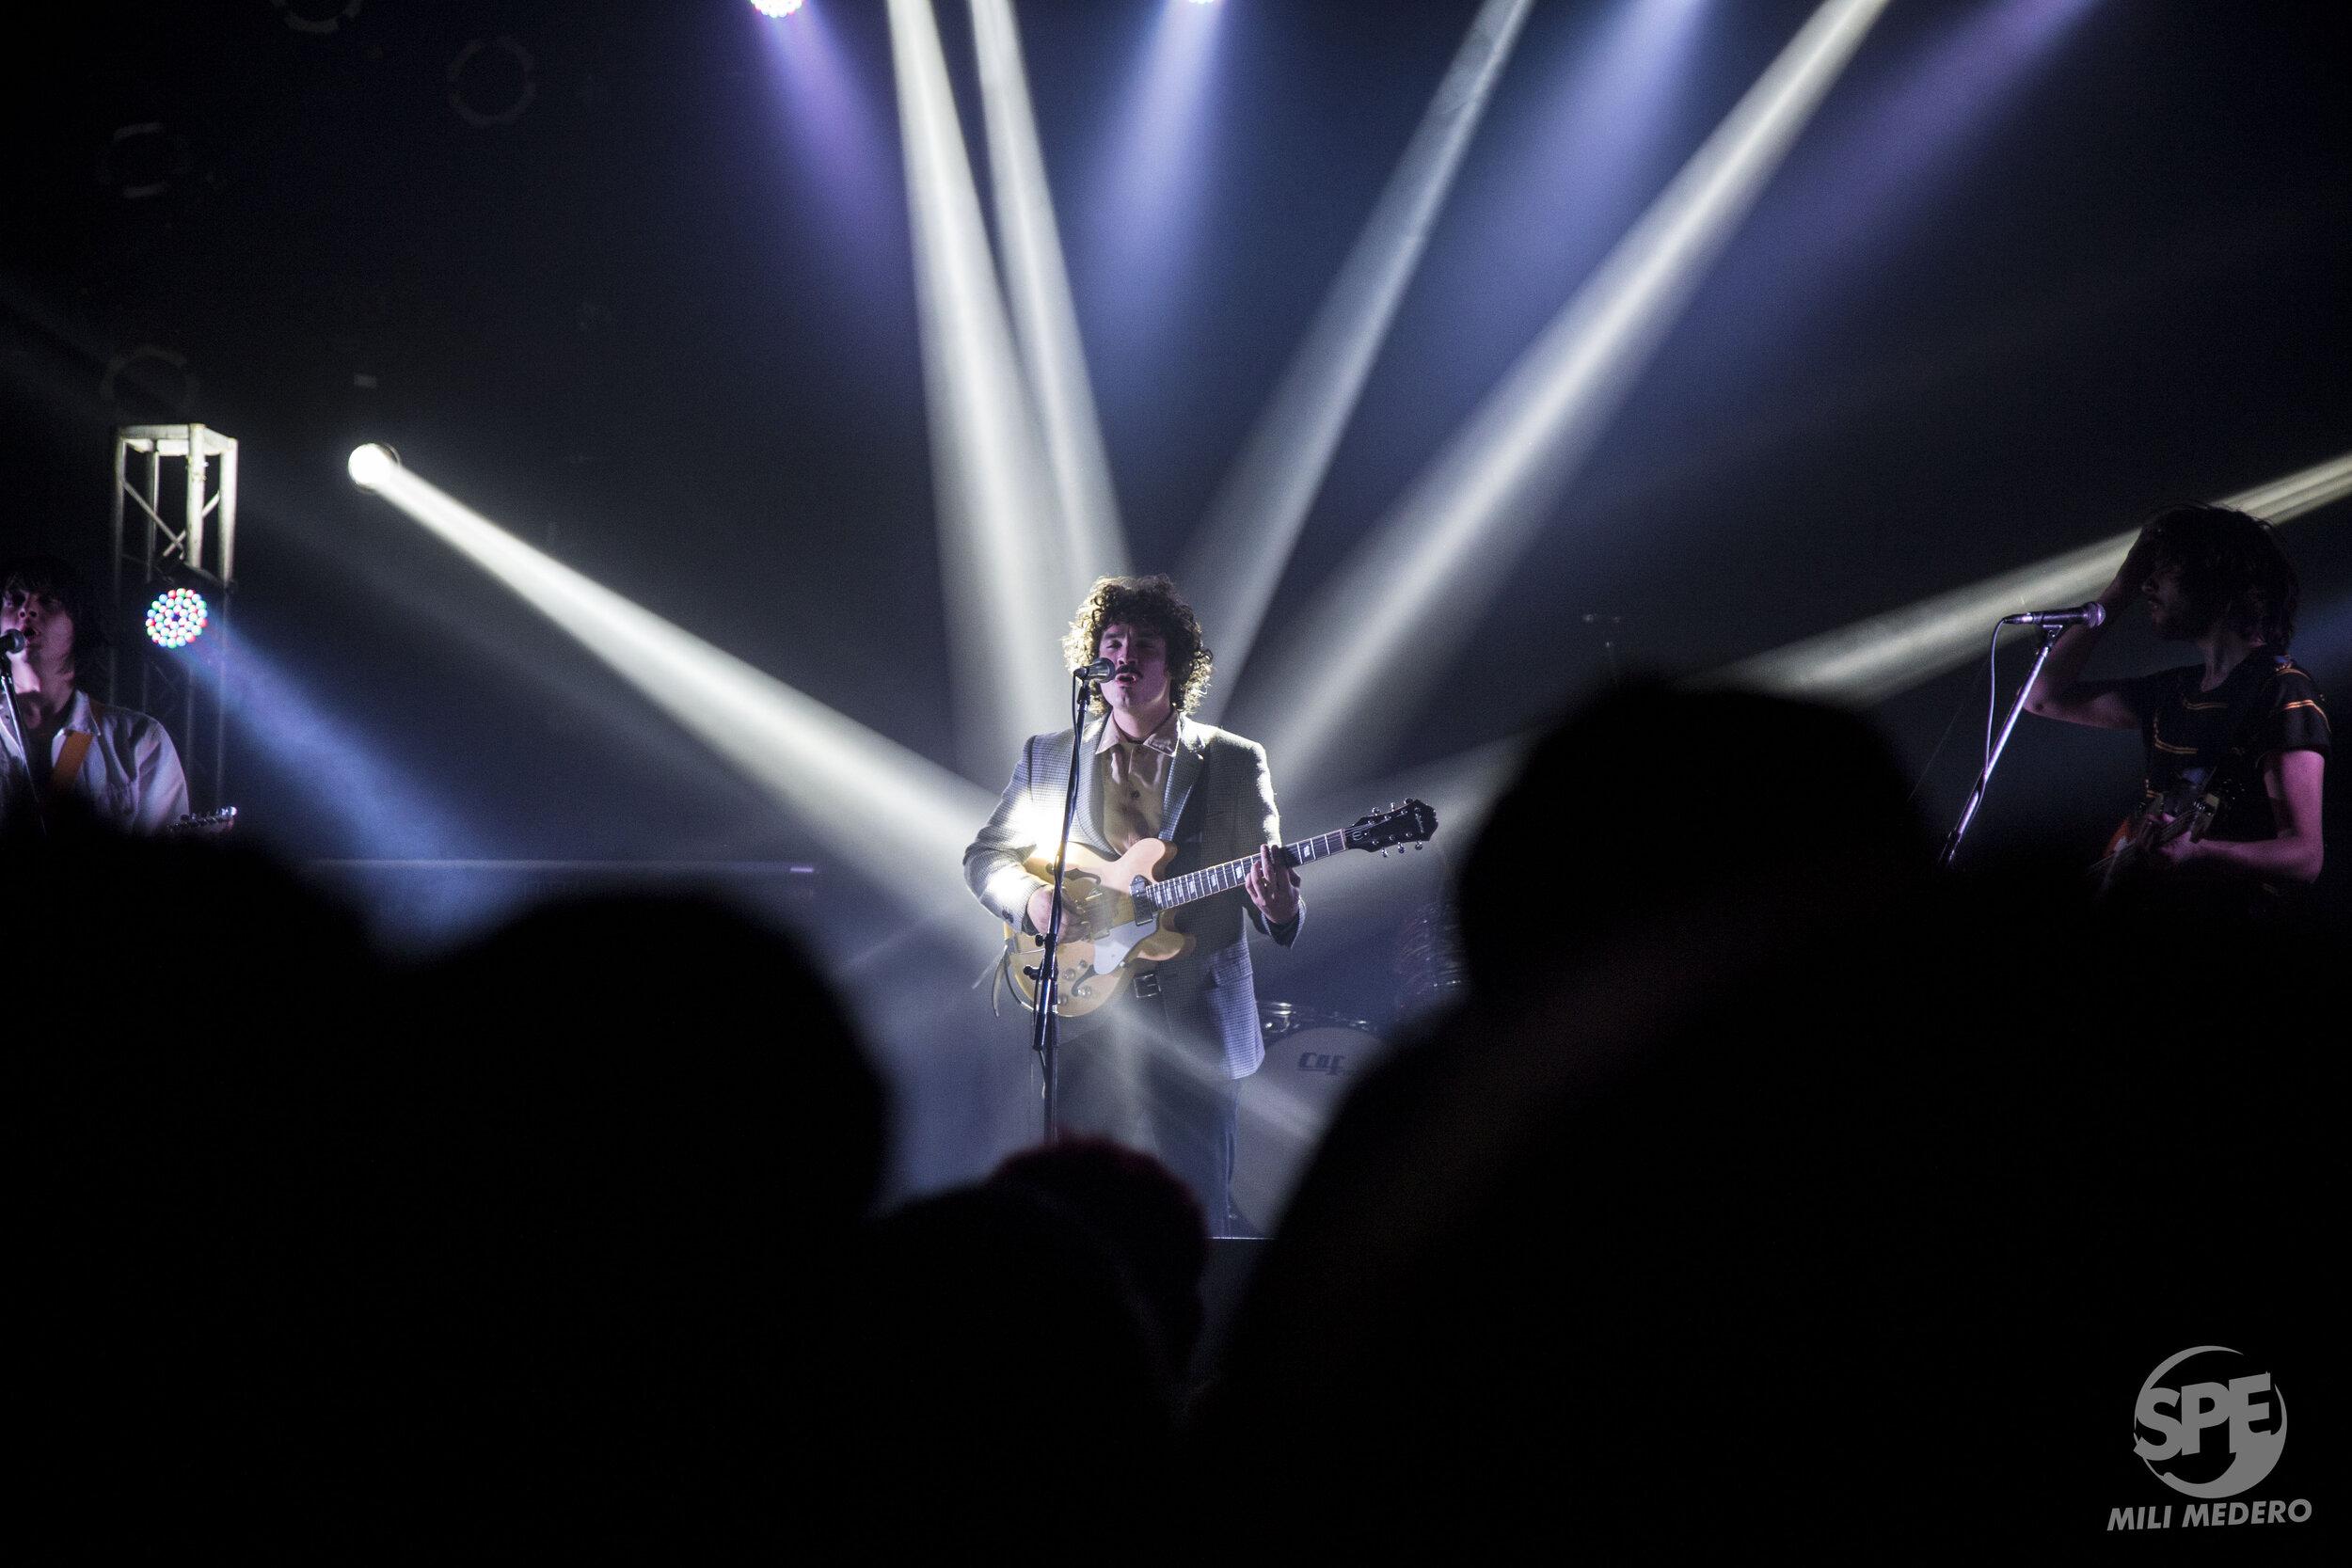 """Integrante de la banda """"Las Sombras"""" durante un show de la misma en Niceto Club(Buenos Aires, Argentina) el dia 3 de Octubre de 2019. Miranda Johansen fue la artista soporte de la noche. Foto de: Milagros Medero"""